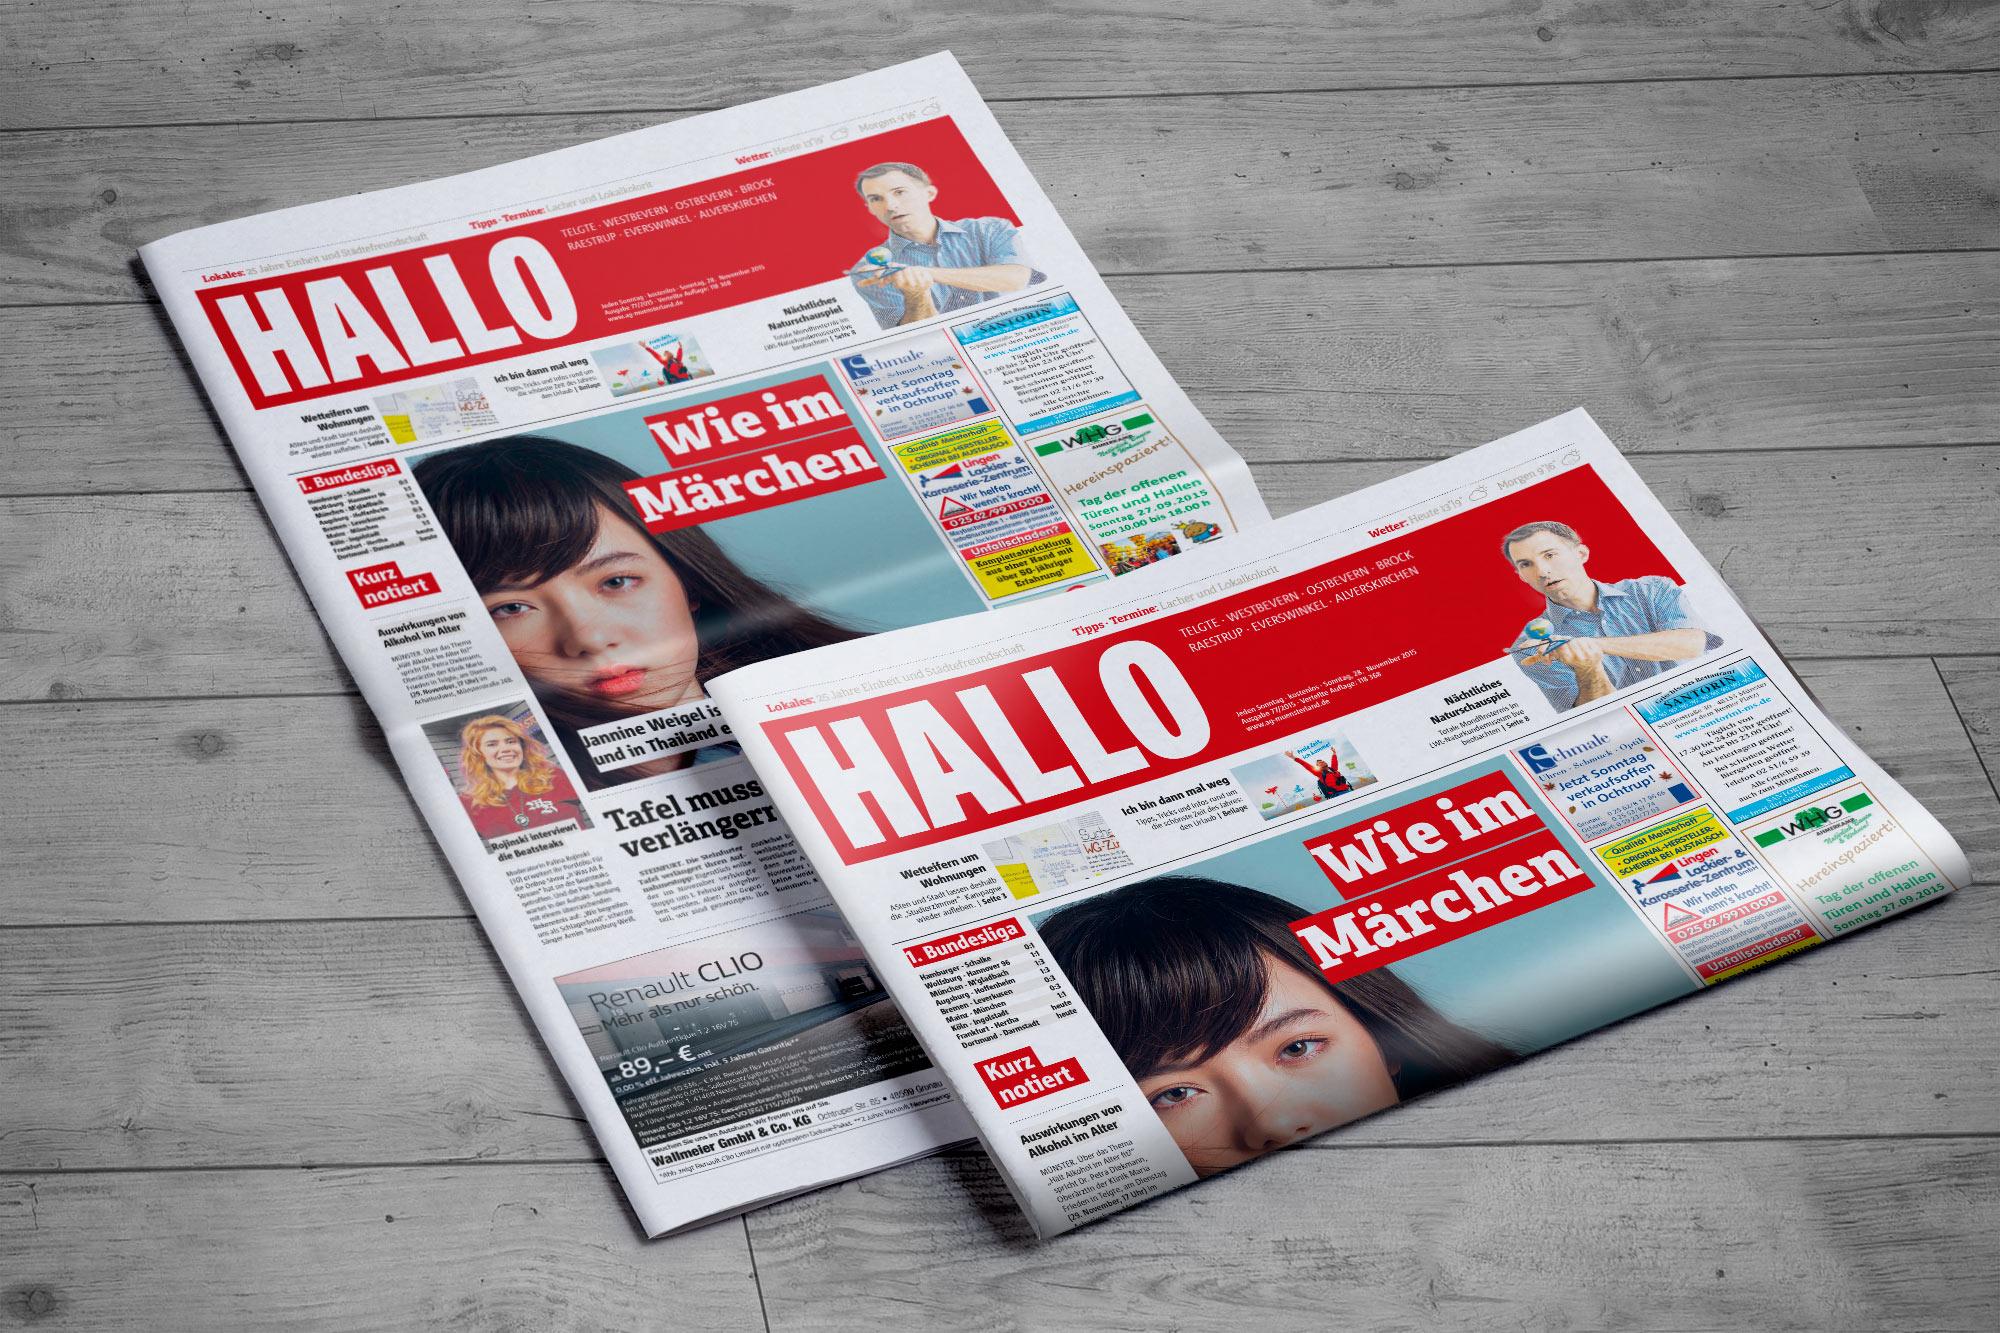 HALLO Gratis-Zeitung